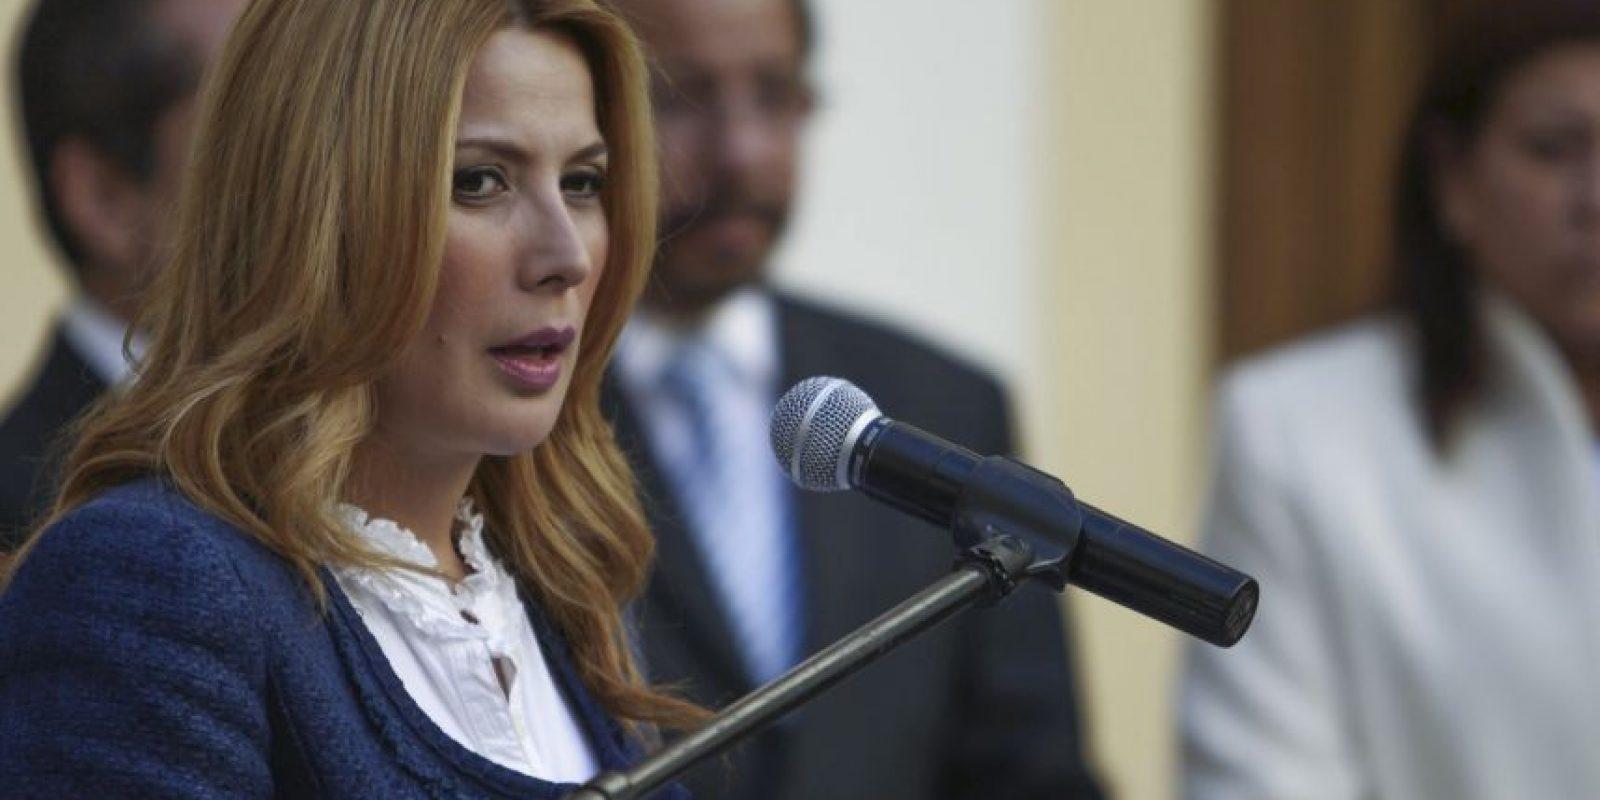 Margarita Arellanes, ex alcaldesa de Monterrey | Cuartoscuro/Archivo. Imagen Por: Margarita Arellanes, ex alcaldesa de Monterrey | Cuartoscuro/Archivo